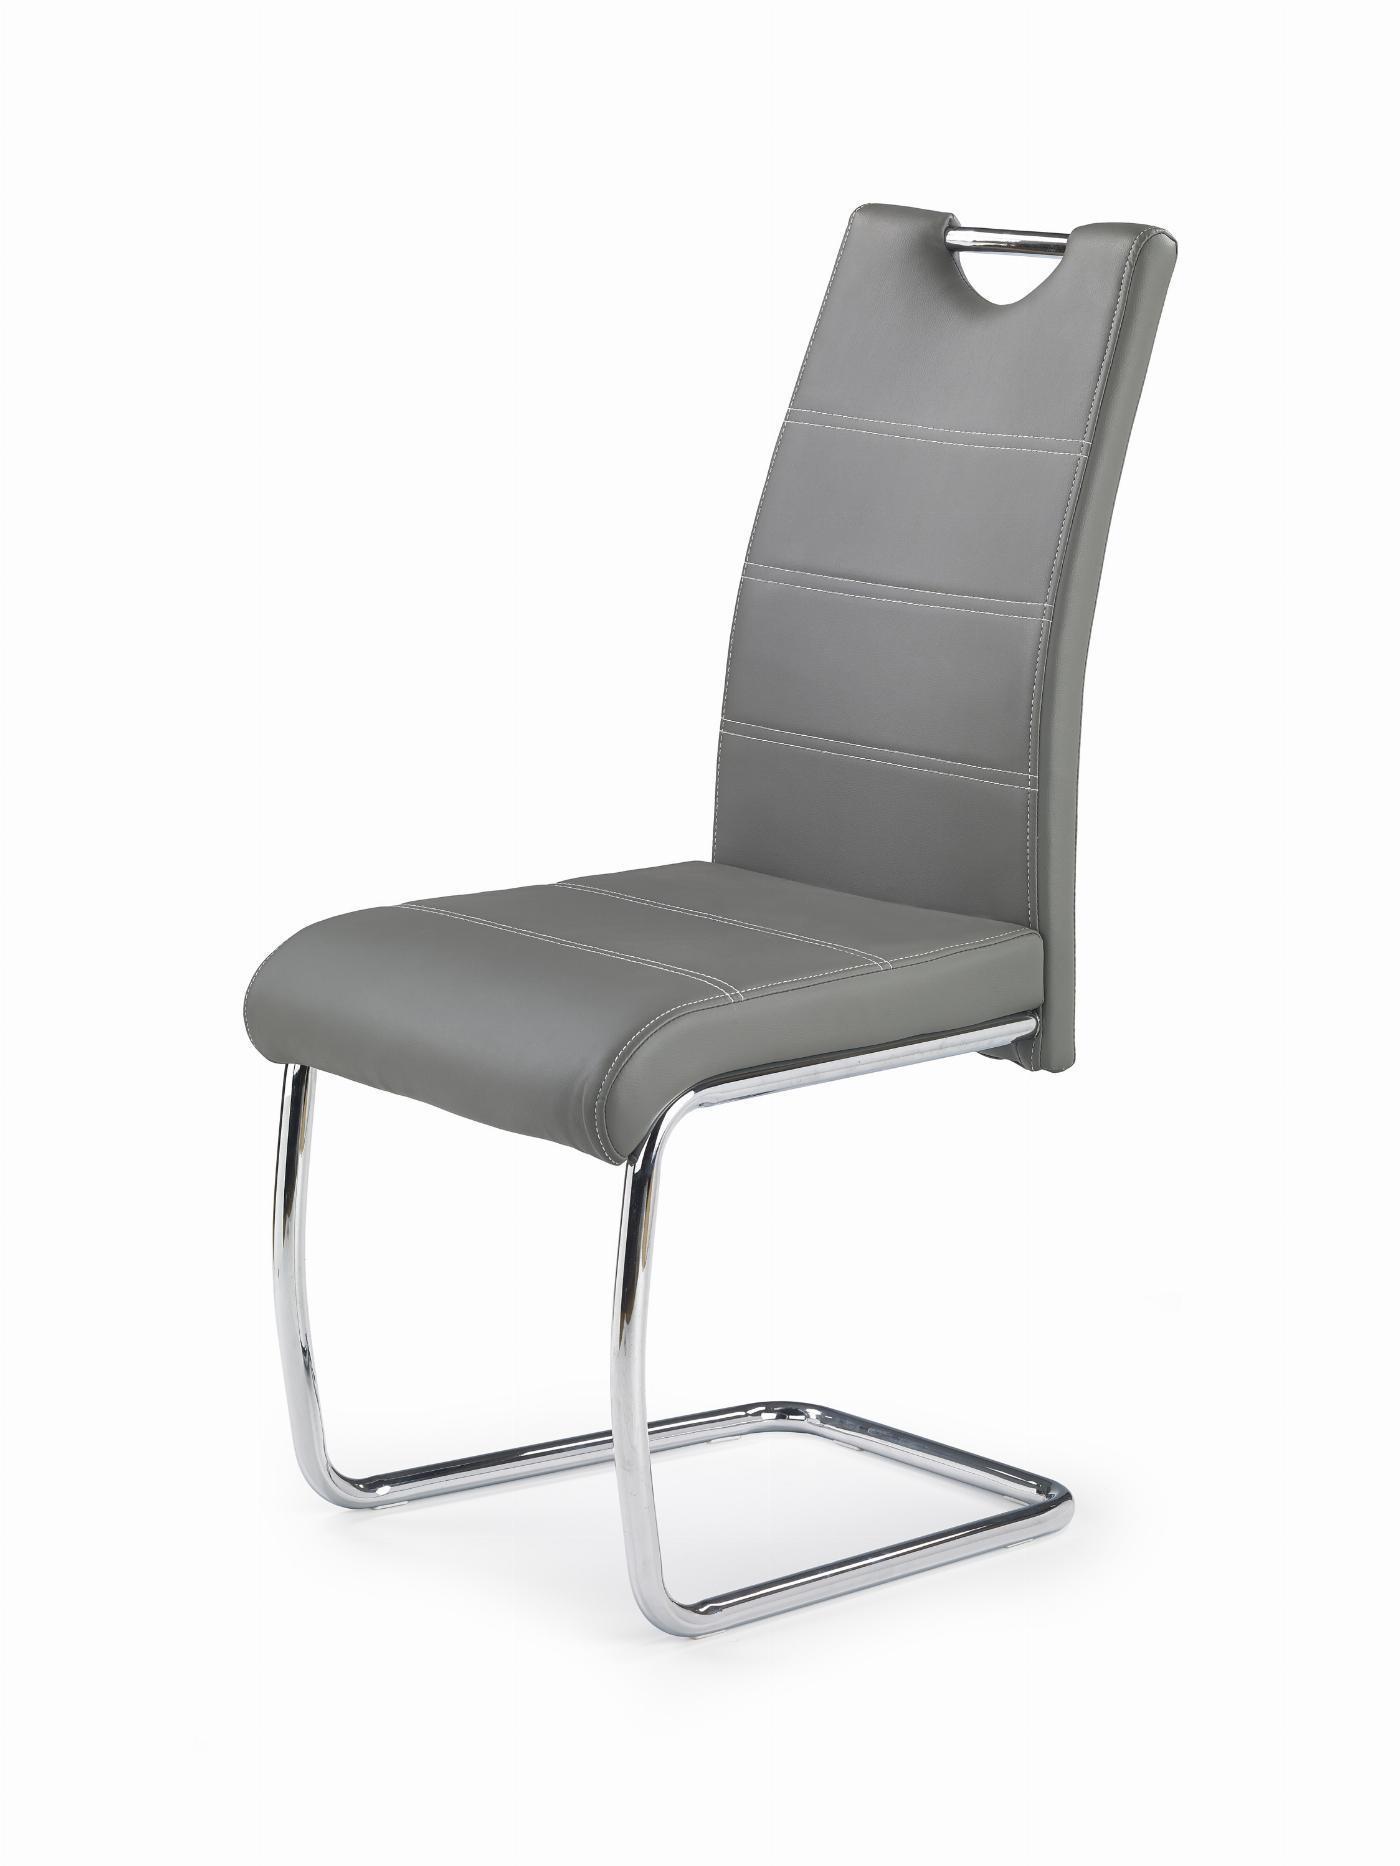 K211 krzesło popiel (2p=4szt)